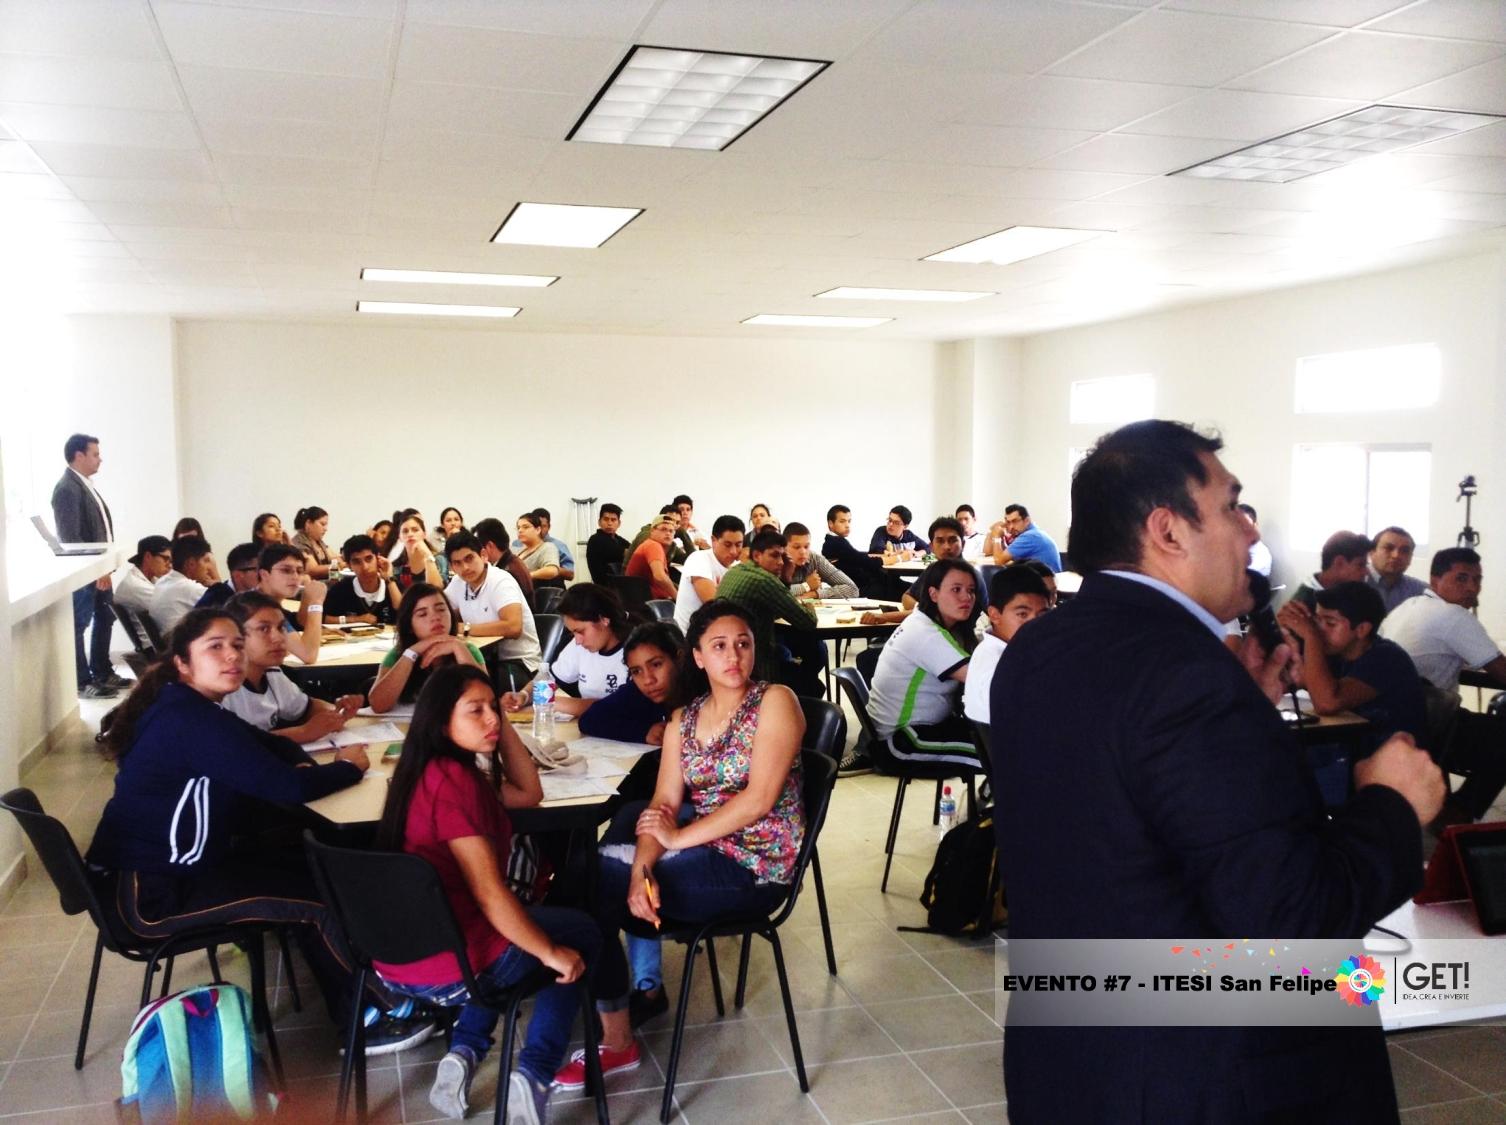 San Felipe_024.jpg